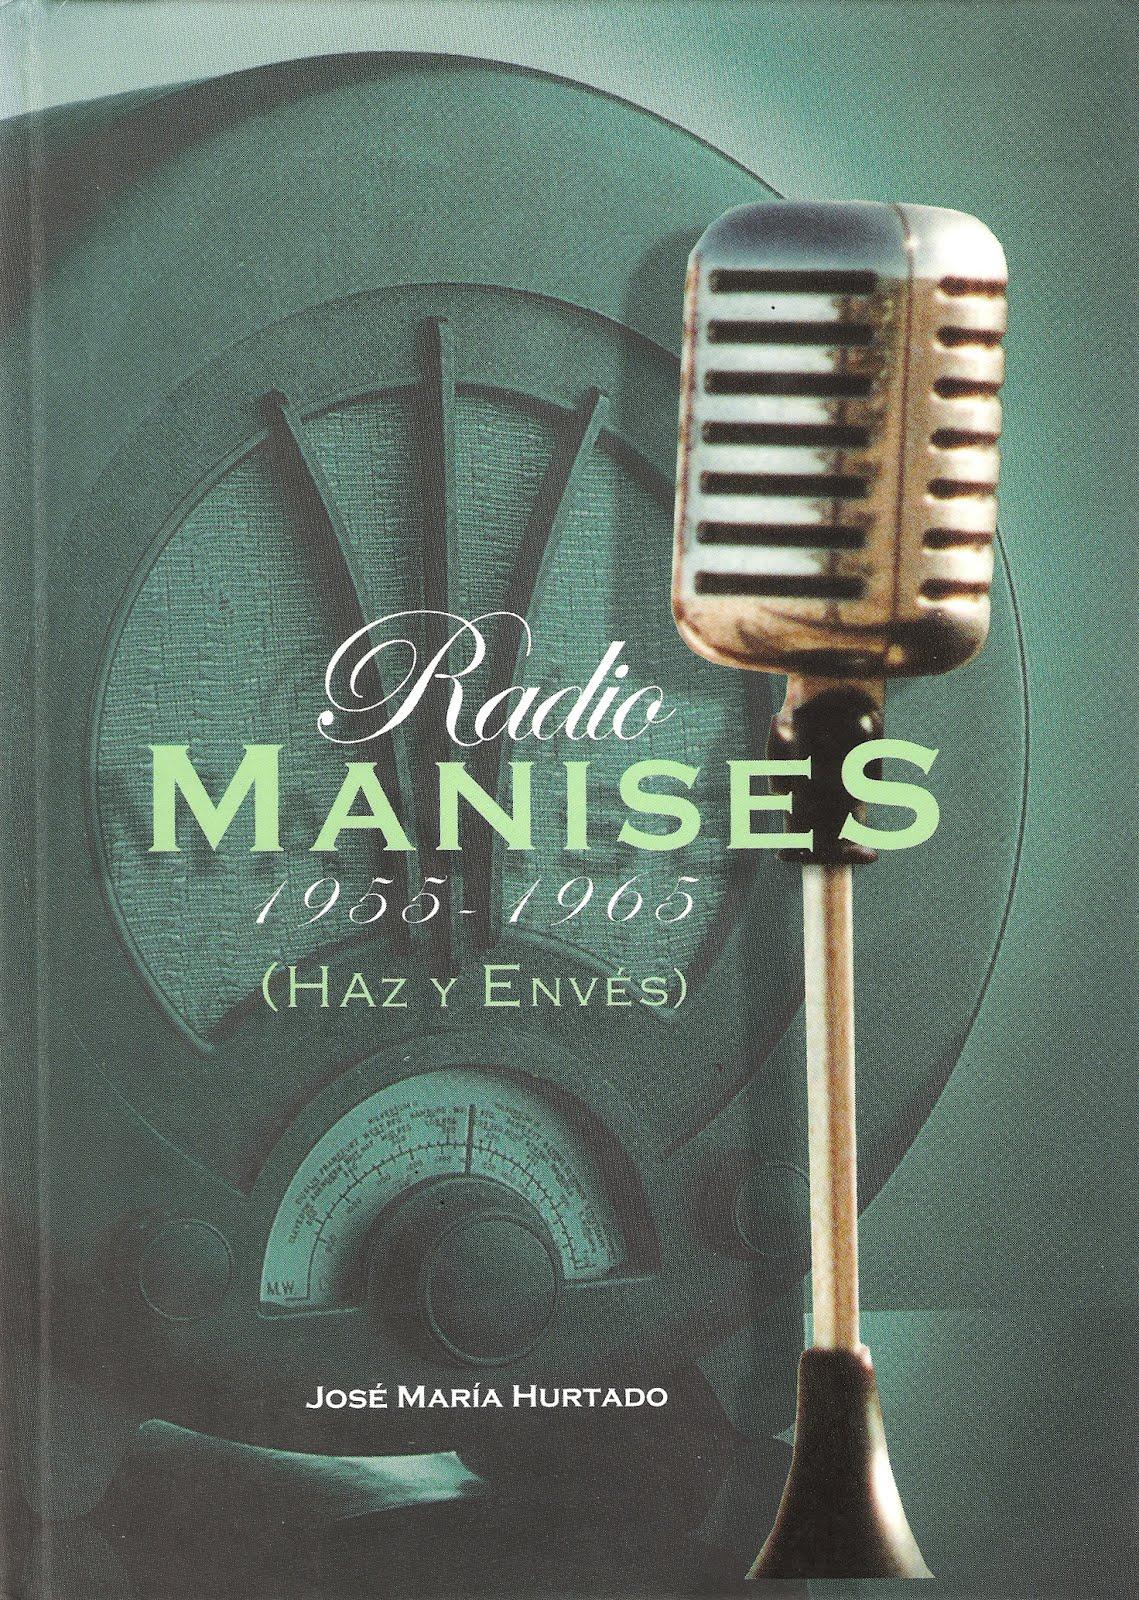 14.06.20 RADIO MANISES DE 1955 A 1965 (10 INOLVIDABLES AÑOS CON LOS MANISEROS)